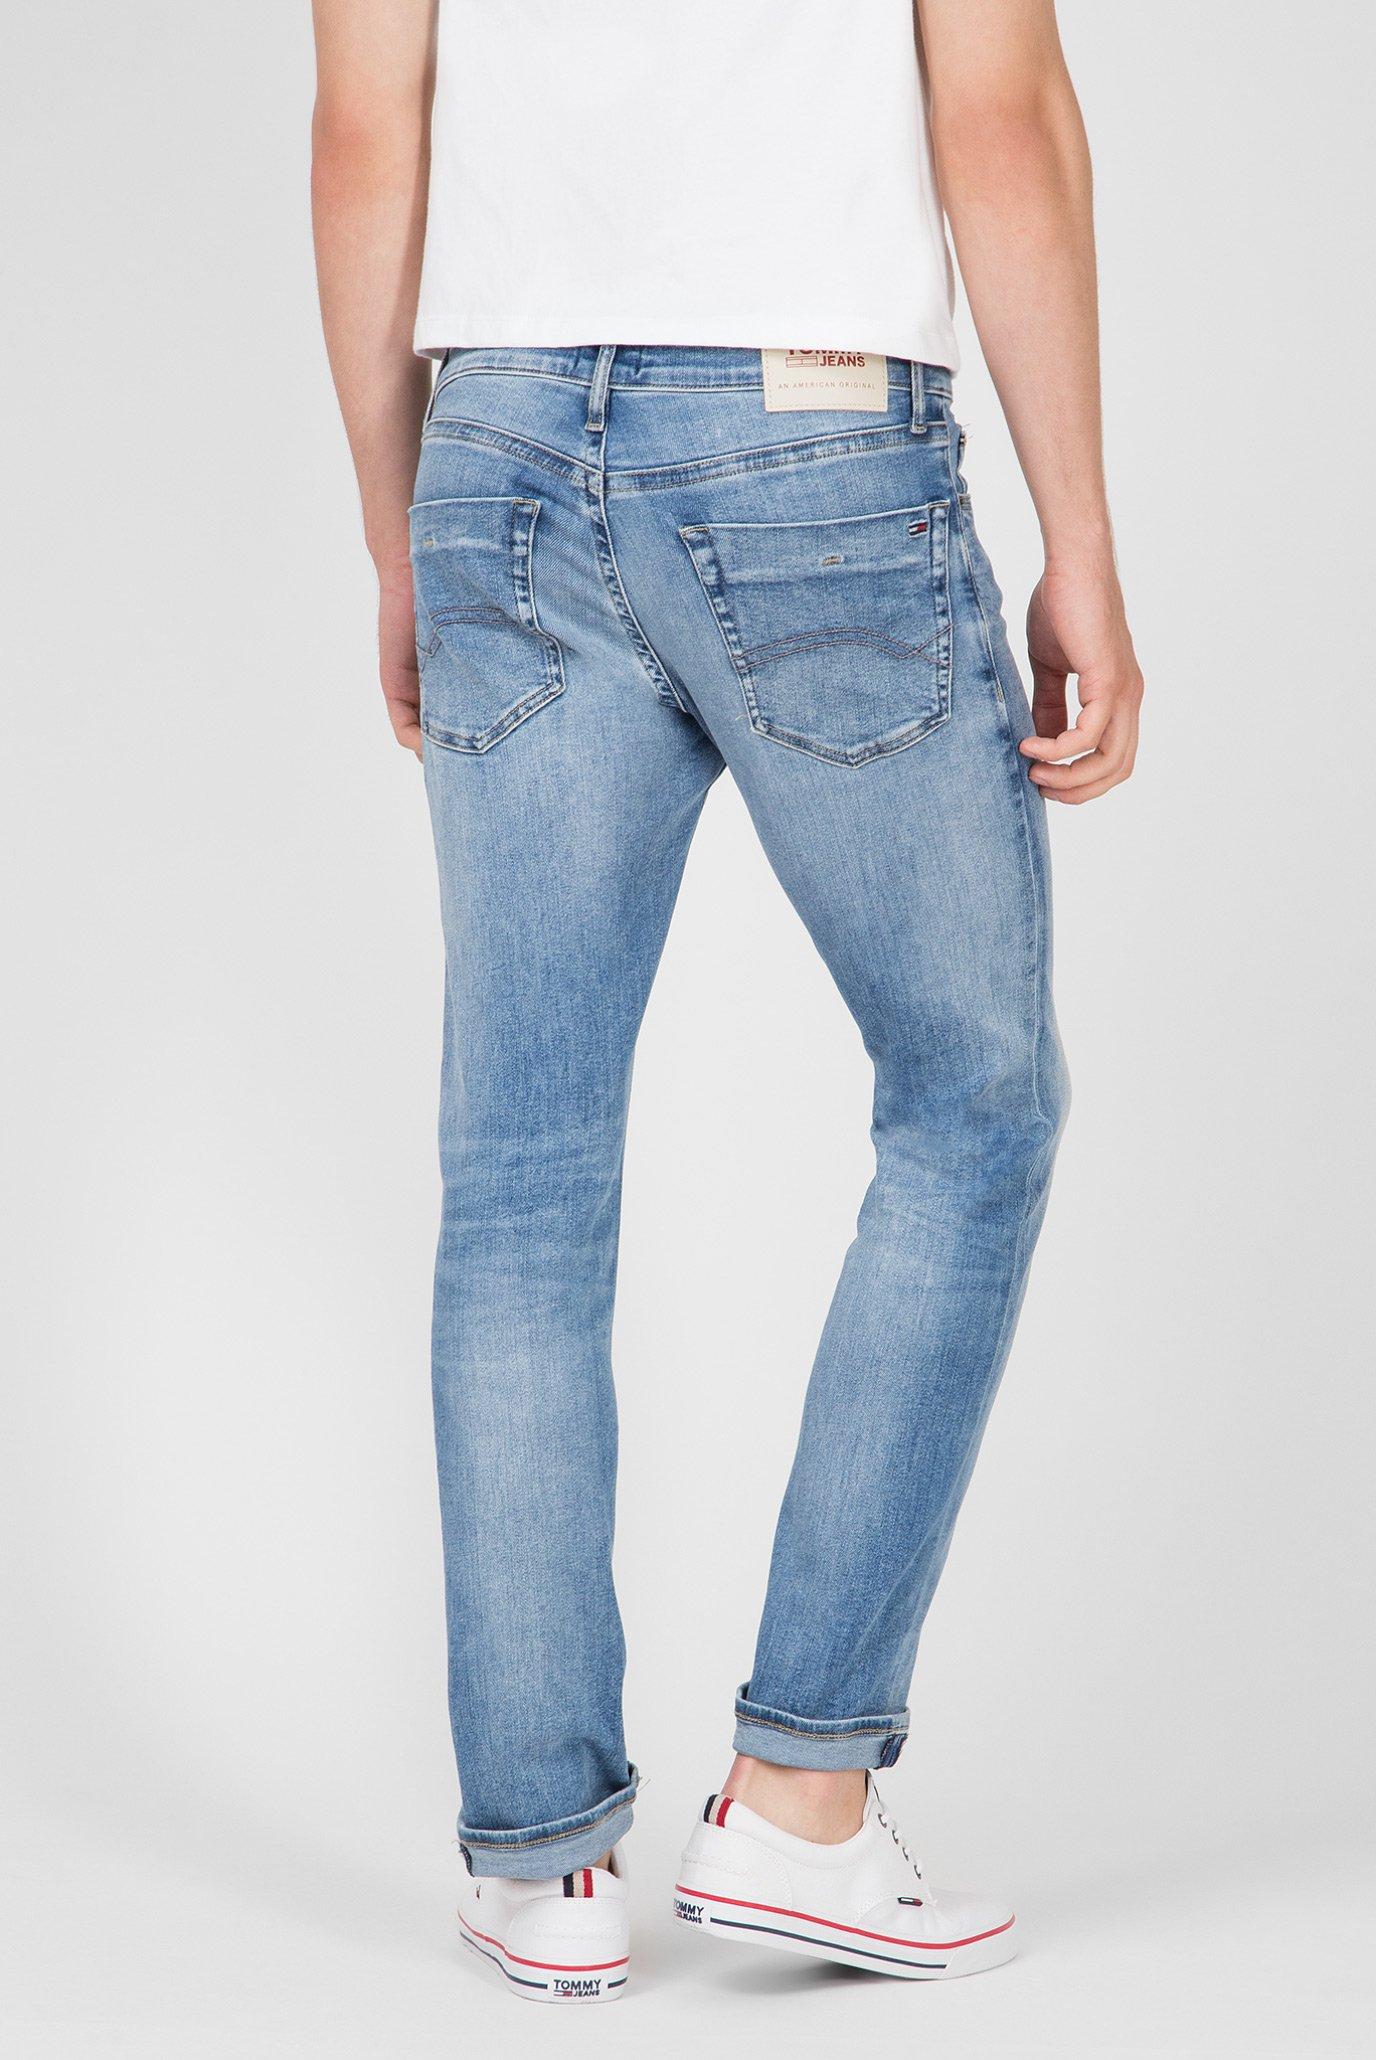 Купить Мужские голубые джинсы SLIM SCANTON Tommy Hilfiger Tommy Hilfiger DM0DM06121 – Киев, Украина. Цены в интернет магазине MD Fashion